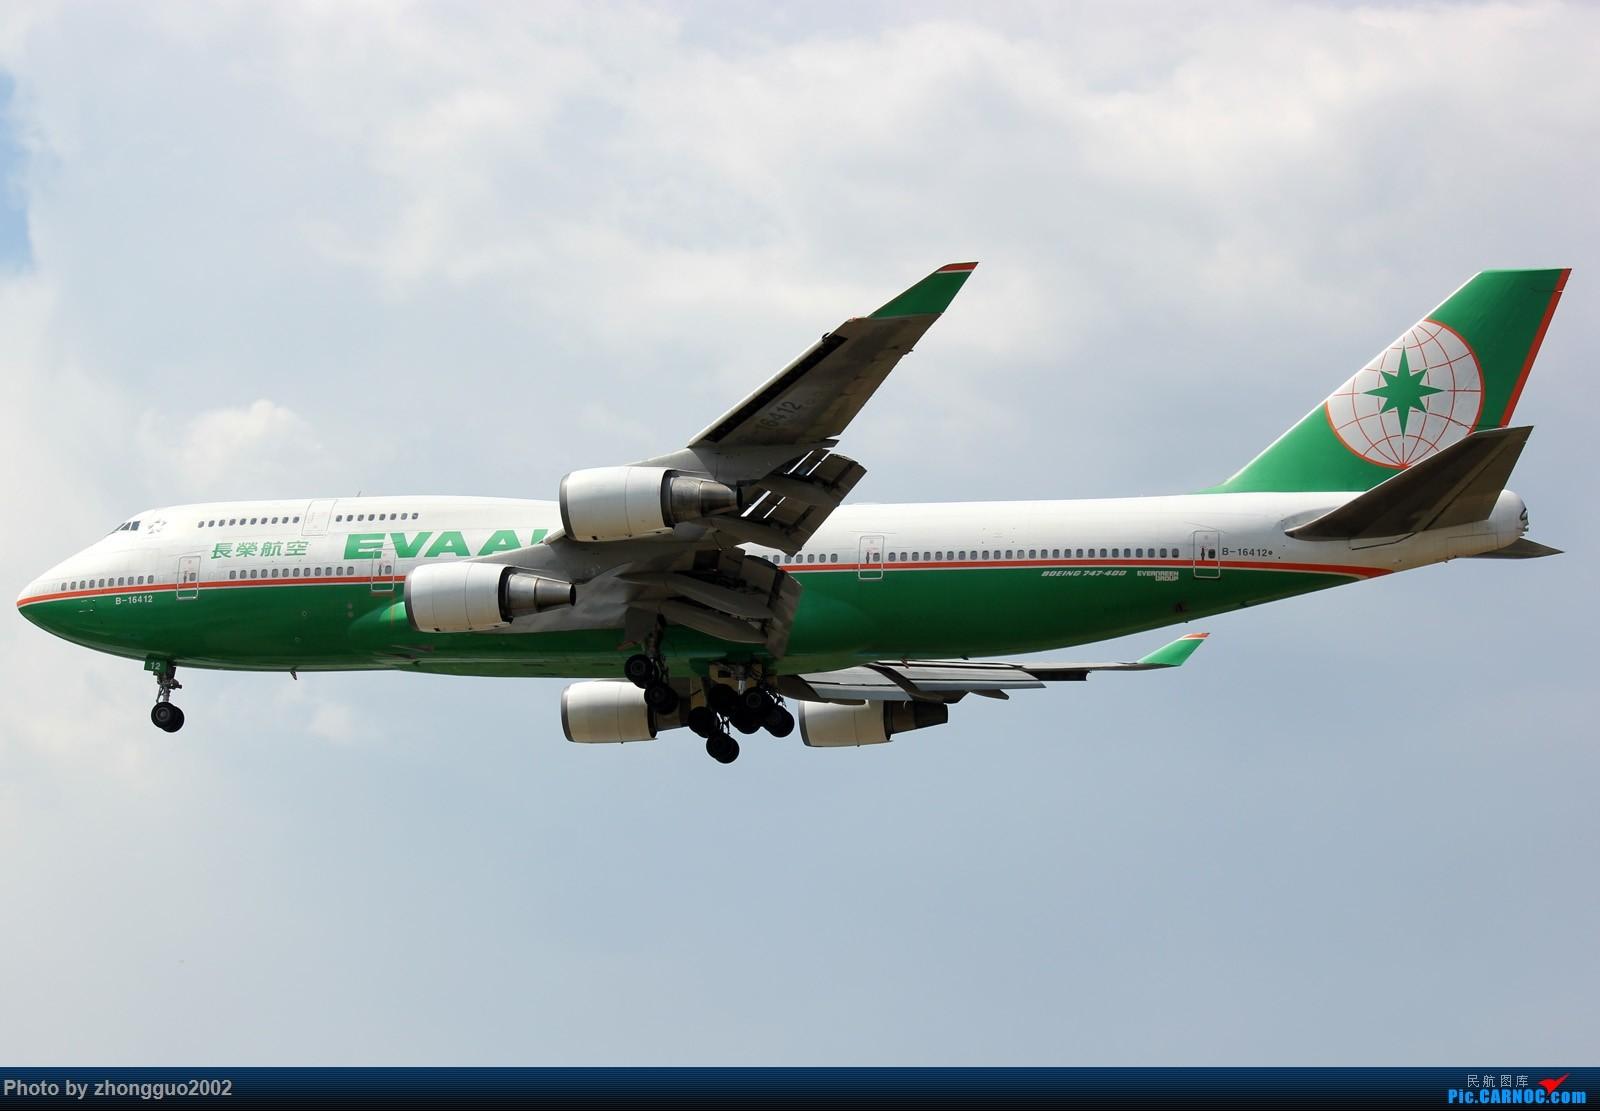 Re:[原创]谨以此片献给这个夏天最美丽的草原城----呼和浩特。 BOEING 747-400 B-16412 中国呼和浩特白塔国际机场